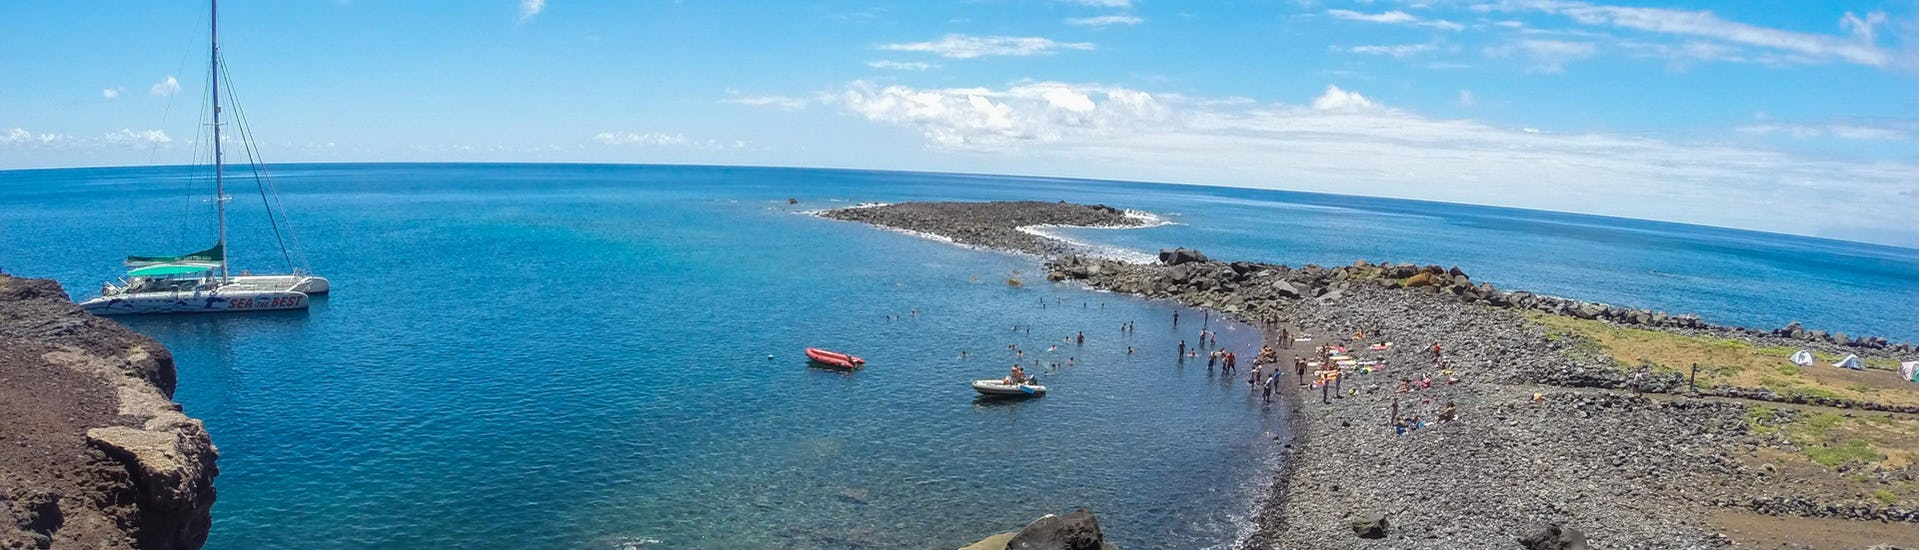 Madeira Cartina.Catamaran Tour To Desertas Islands With Hiking Snorkeling Di Vmt Madeira